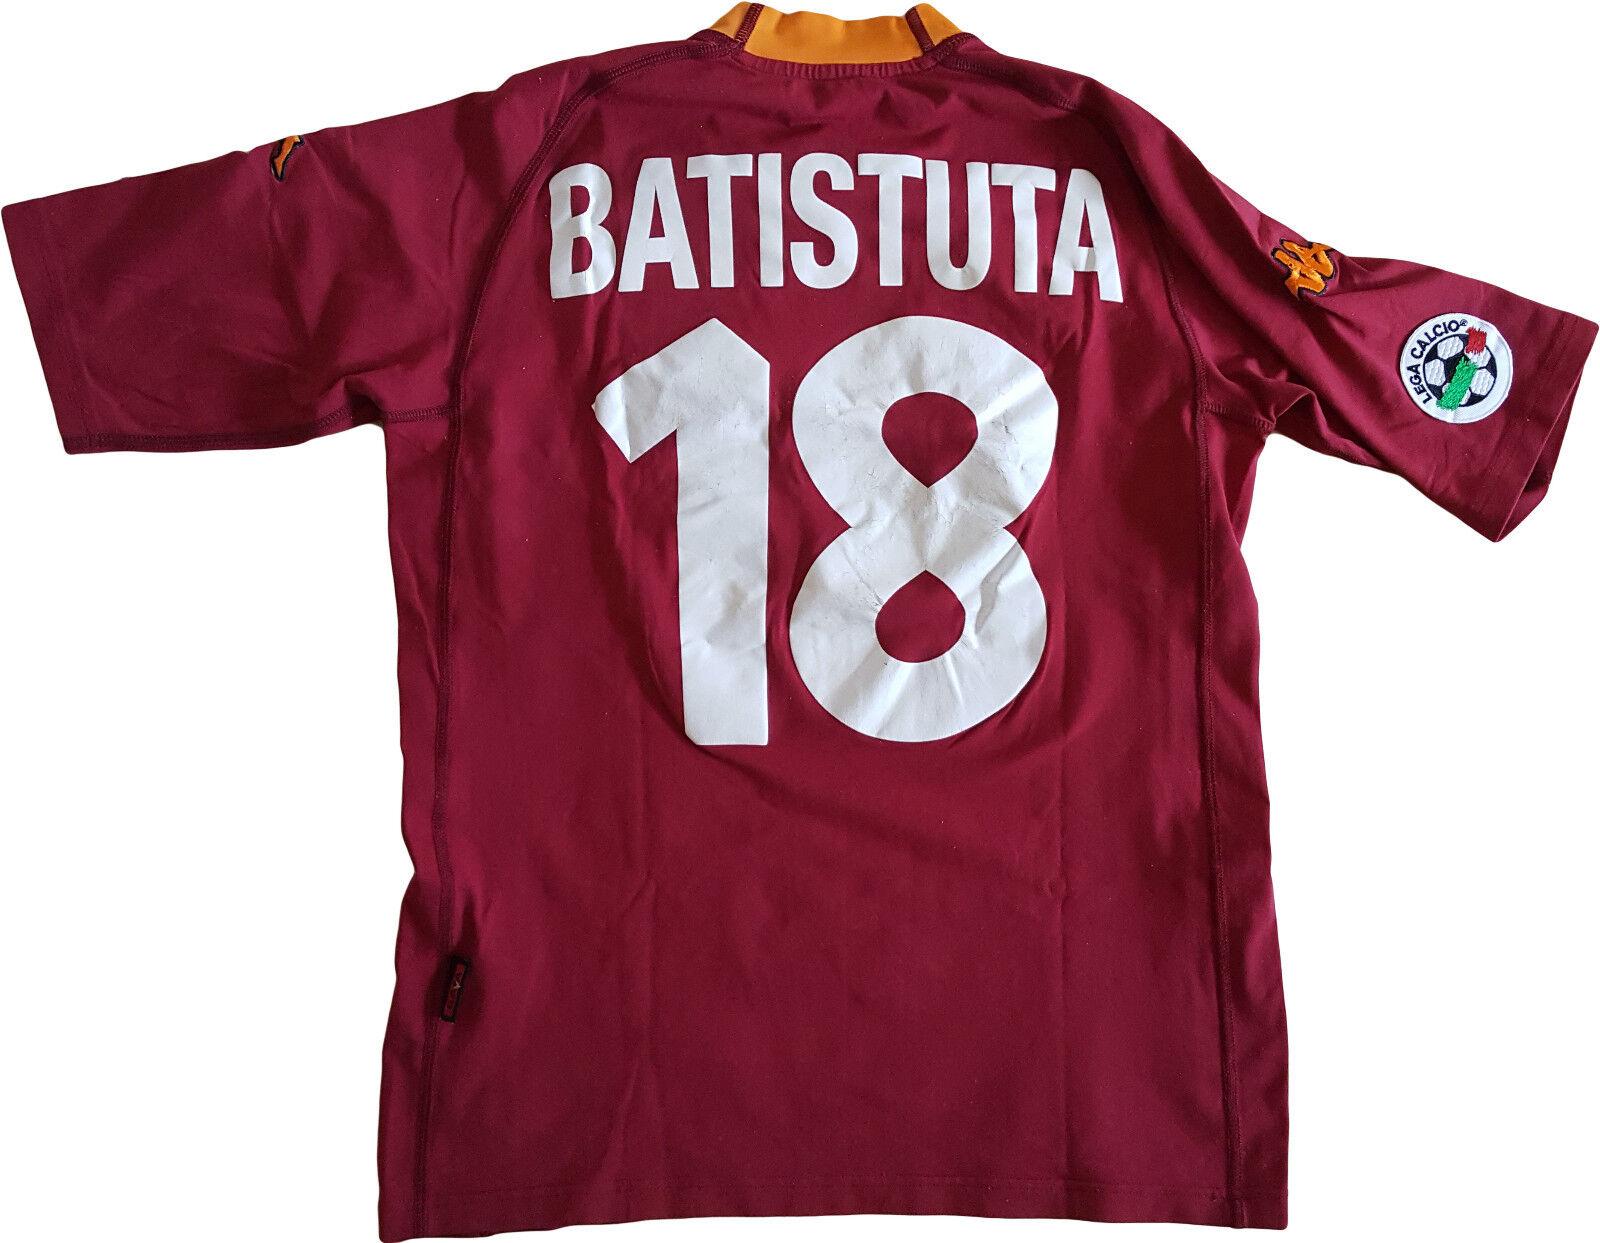 Maglia Batistuta ROMA scudetto 2000 2001 Kappa vintage Ina Assitalia L